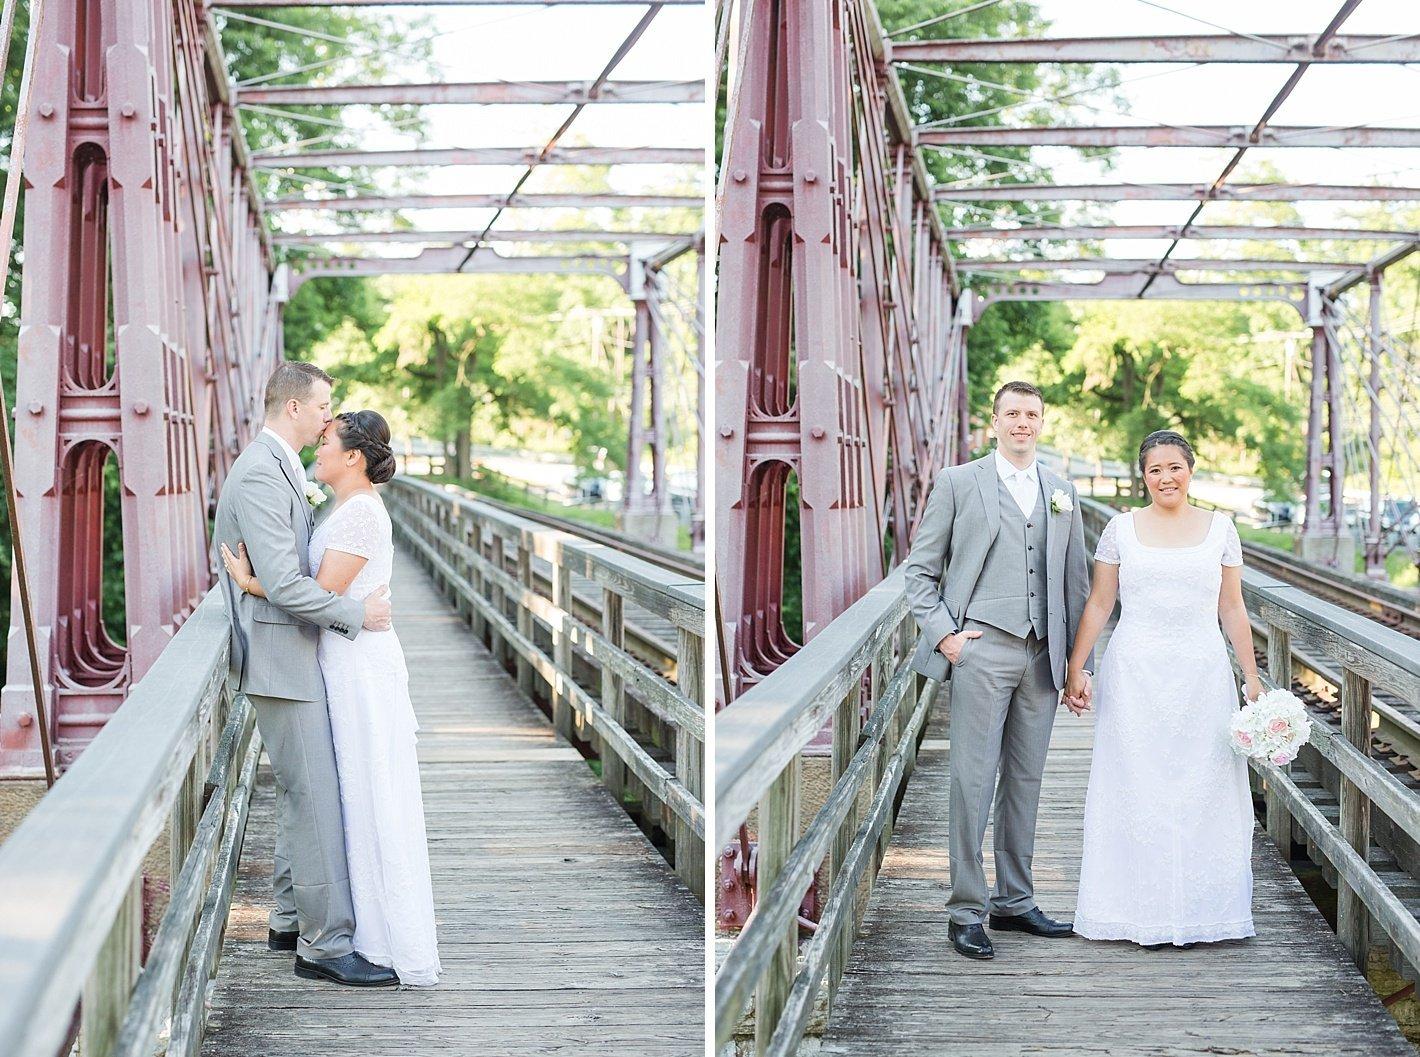 TheGreatRoomatSavageMillweddinghowardcountyweddingphotography-74